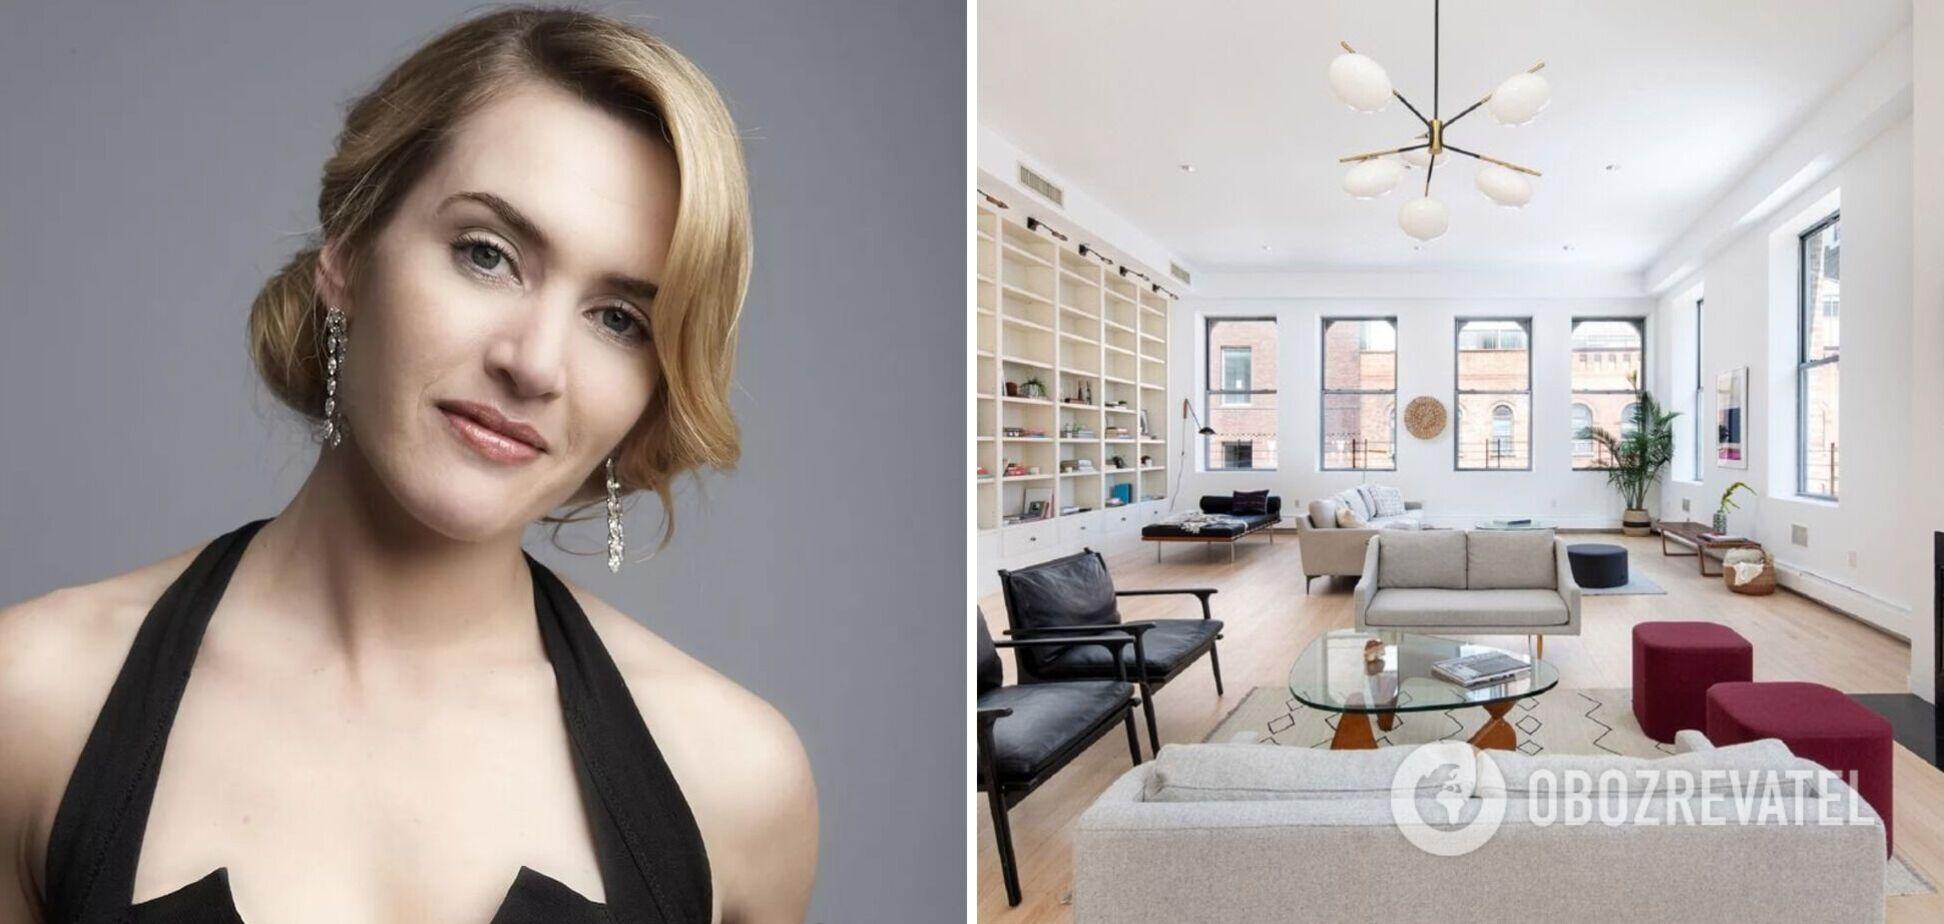 Кейт Уинслет продала пентхаус за $5,7 млн: как он выглядит изнутри